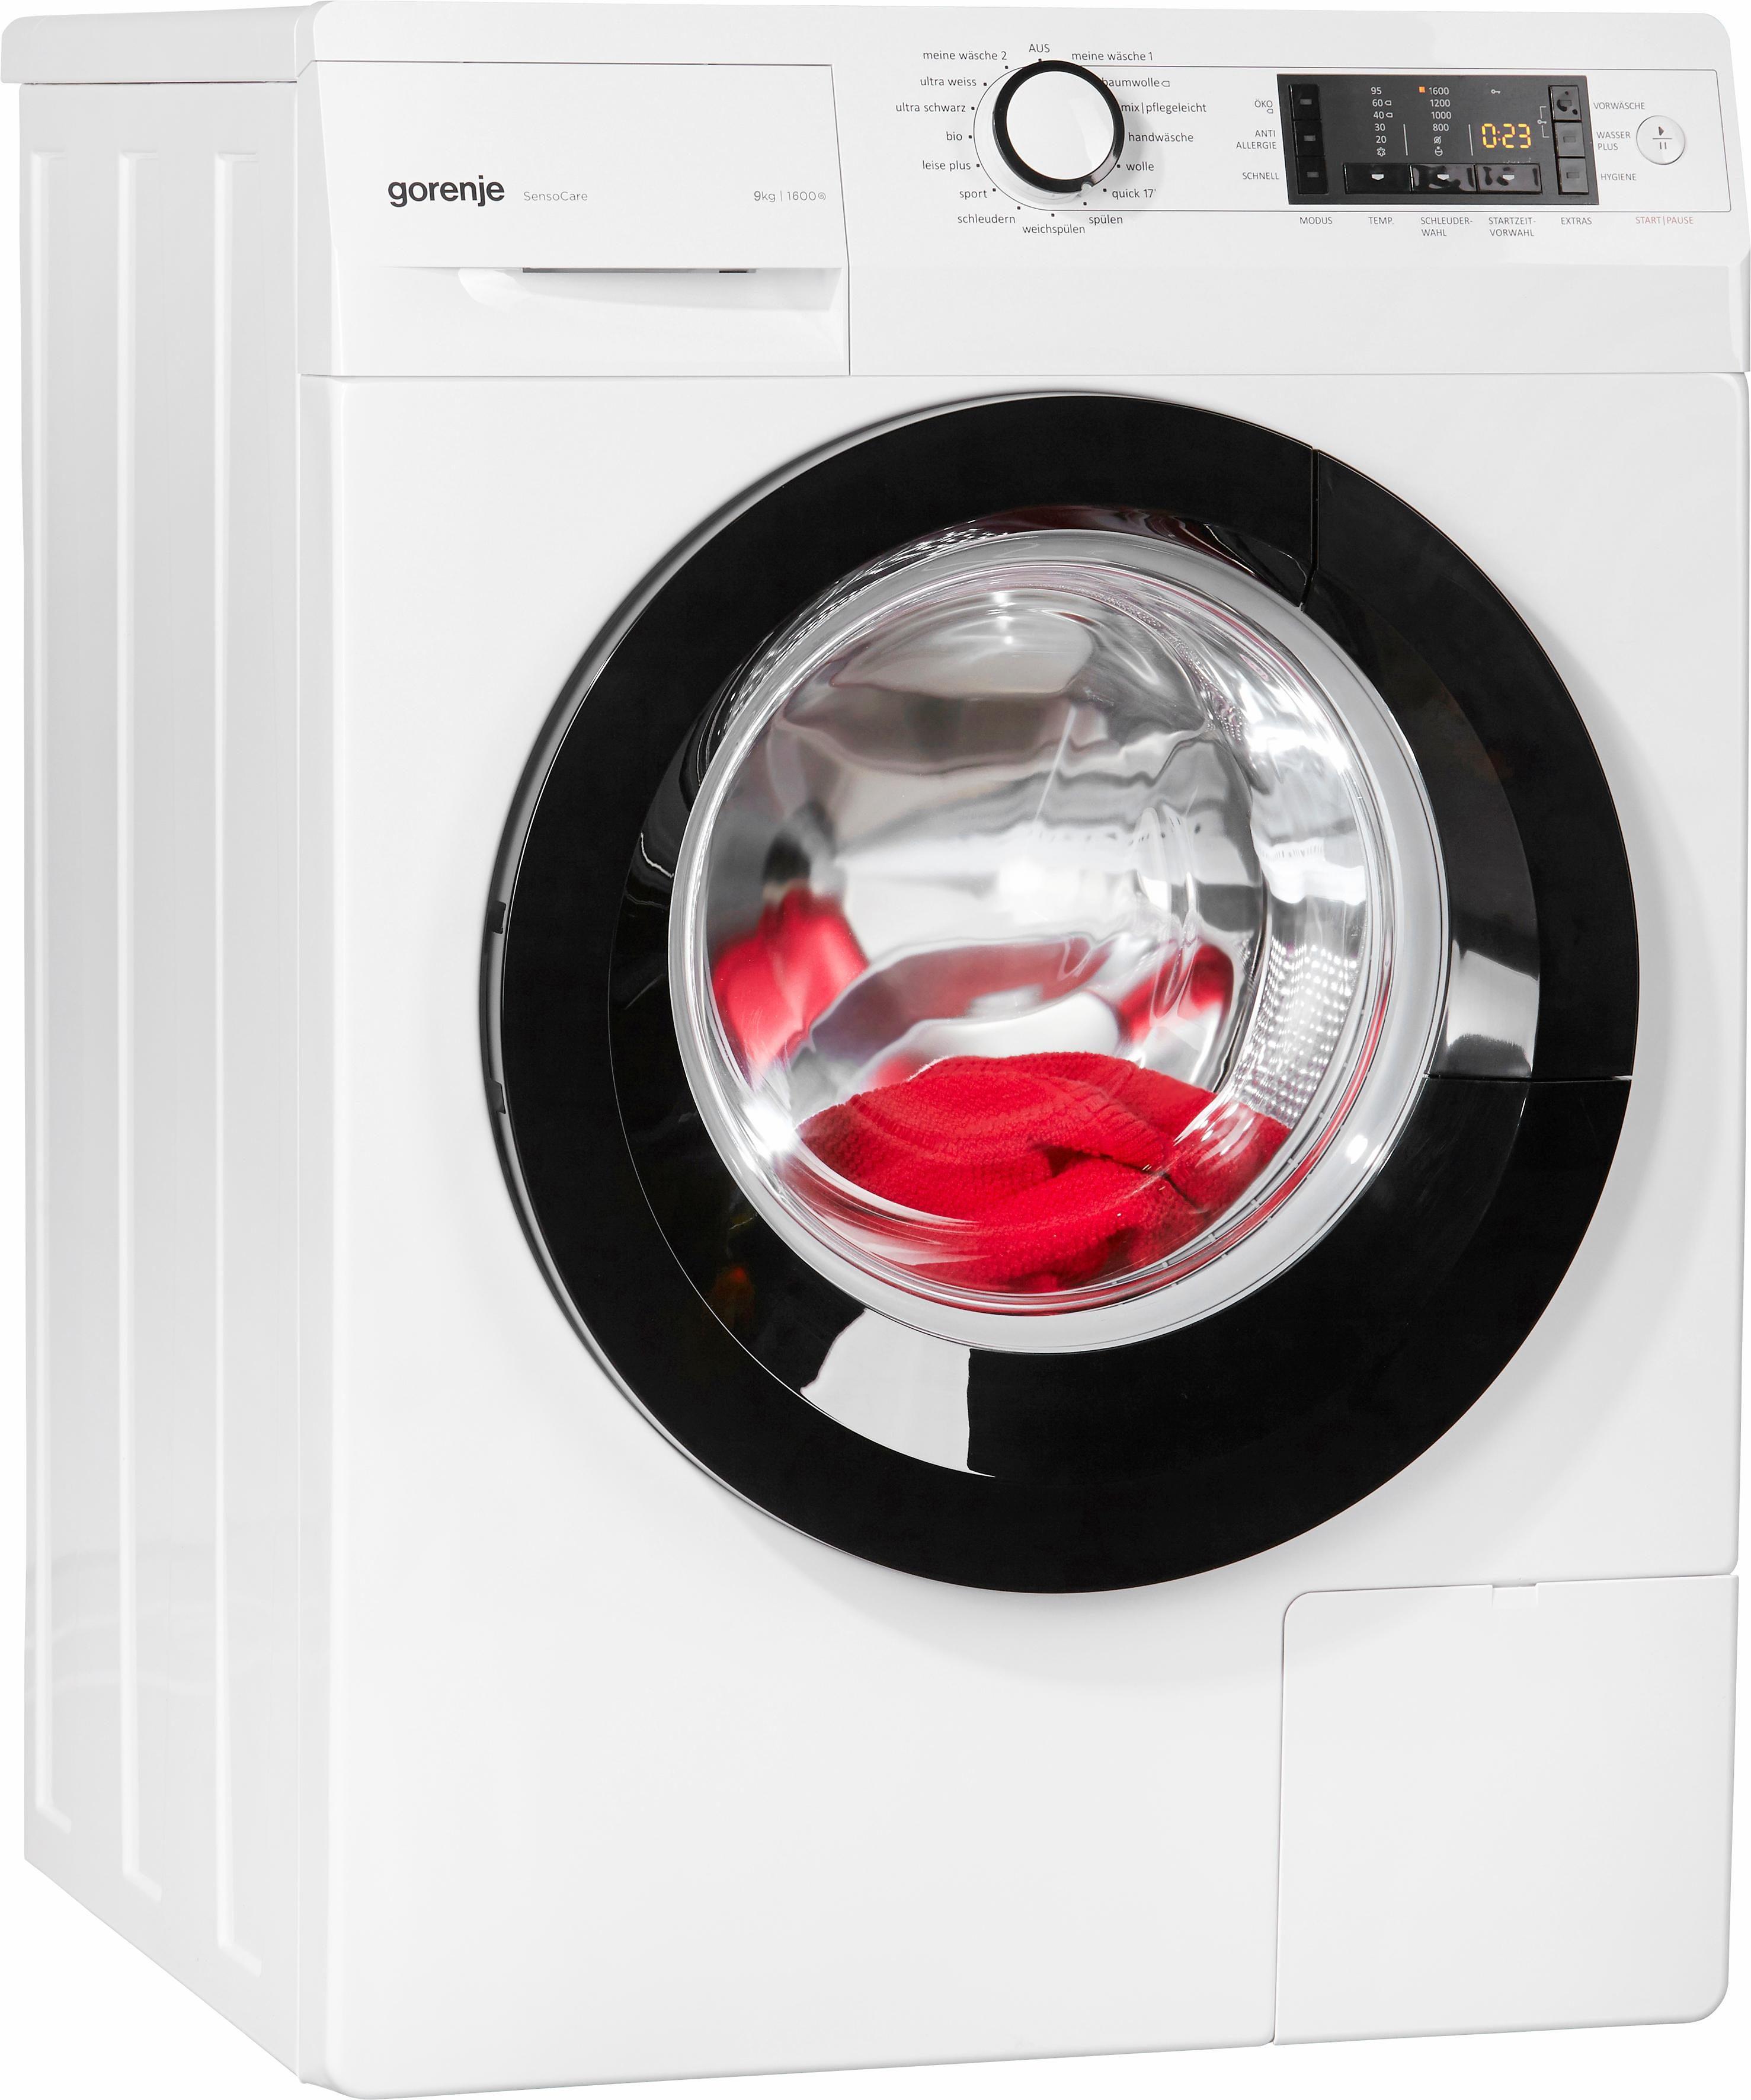 GORENJE Waschmaschine W 9.6 ECO, A+++, 9 kg, 1600 U/Min